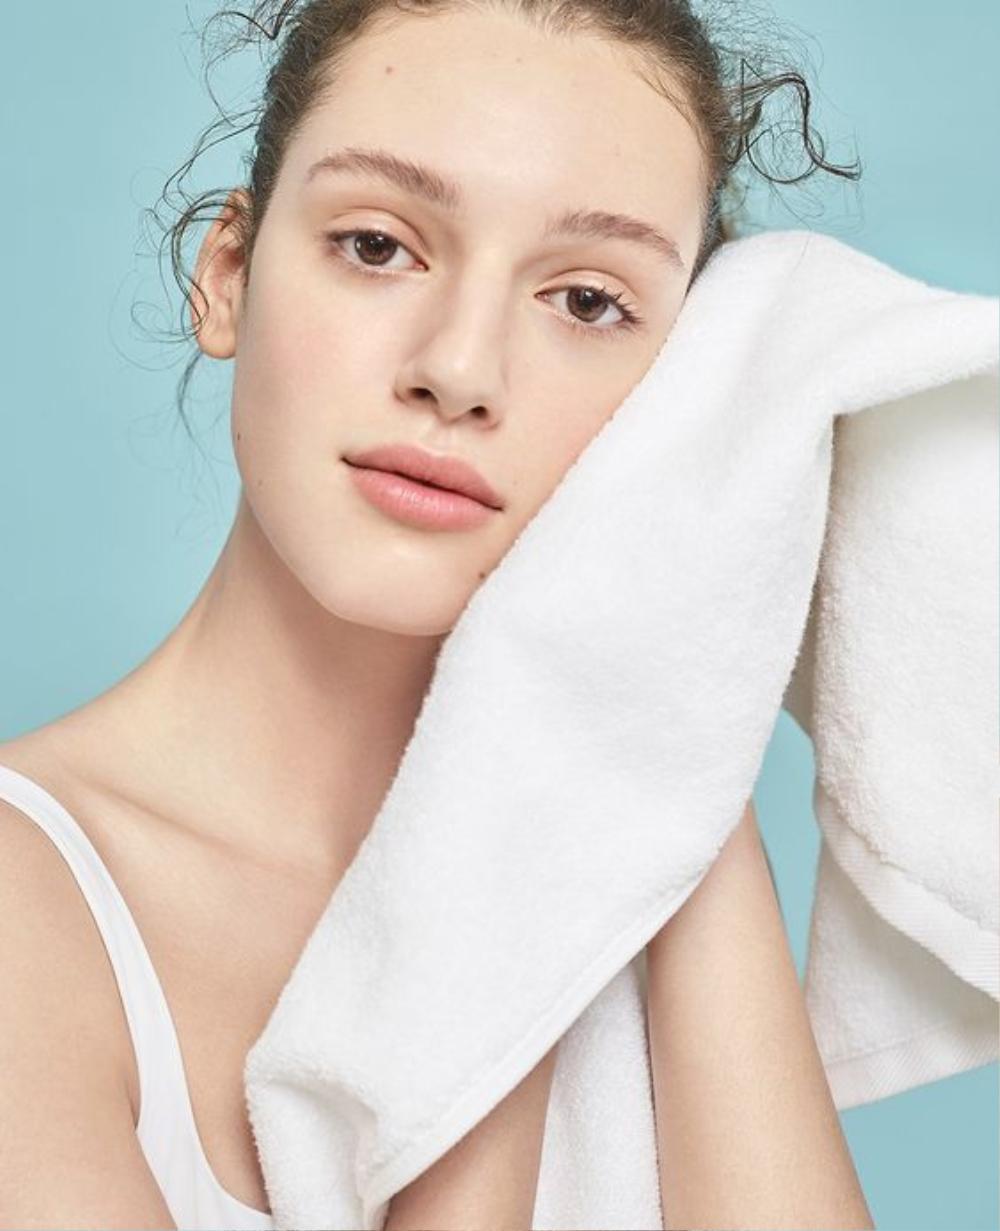 7 sản phẩm skincare quen thuộc có thể làm hỏng da của bạn Ảnh 6